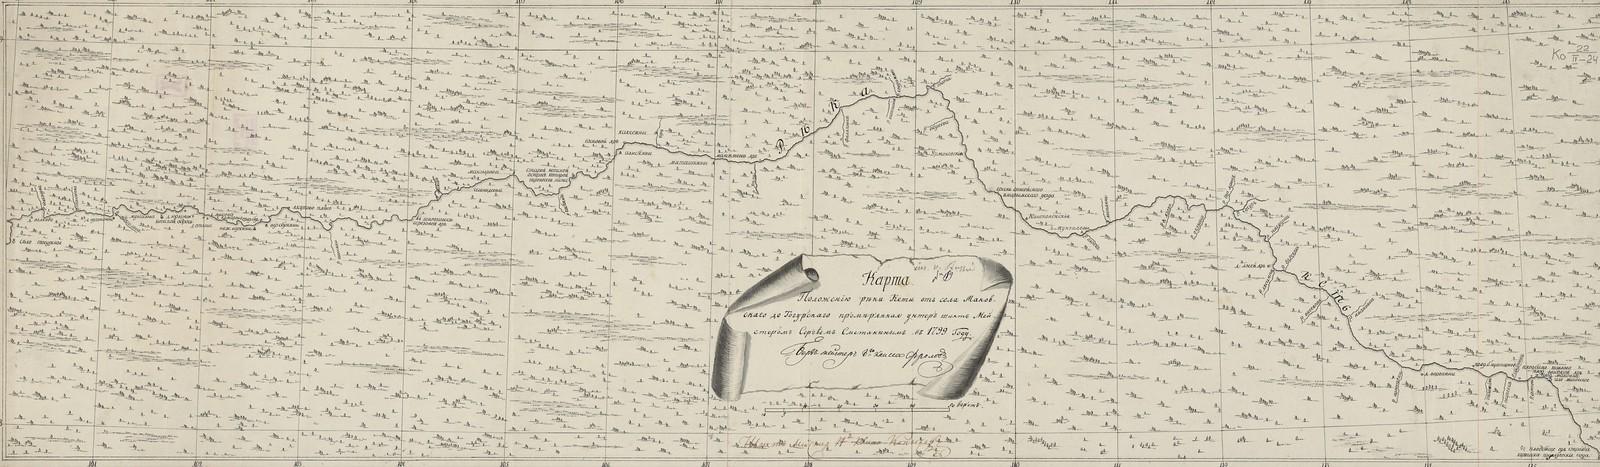 Карта. Положению реки Кети от села Маковскаго до Тогурскаго, промерянная унтер шихт Мейстером Сергеем Сметаниным в 1799 году.Берг мейстер 8-го класса Фролов; Шихт Мейстер 14-го класса Копылов